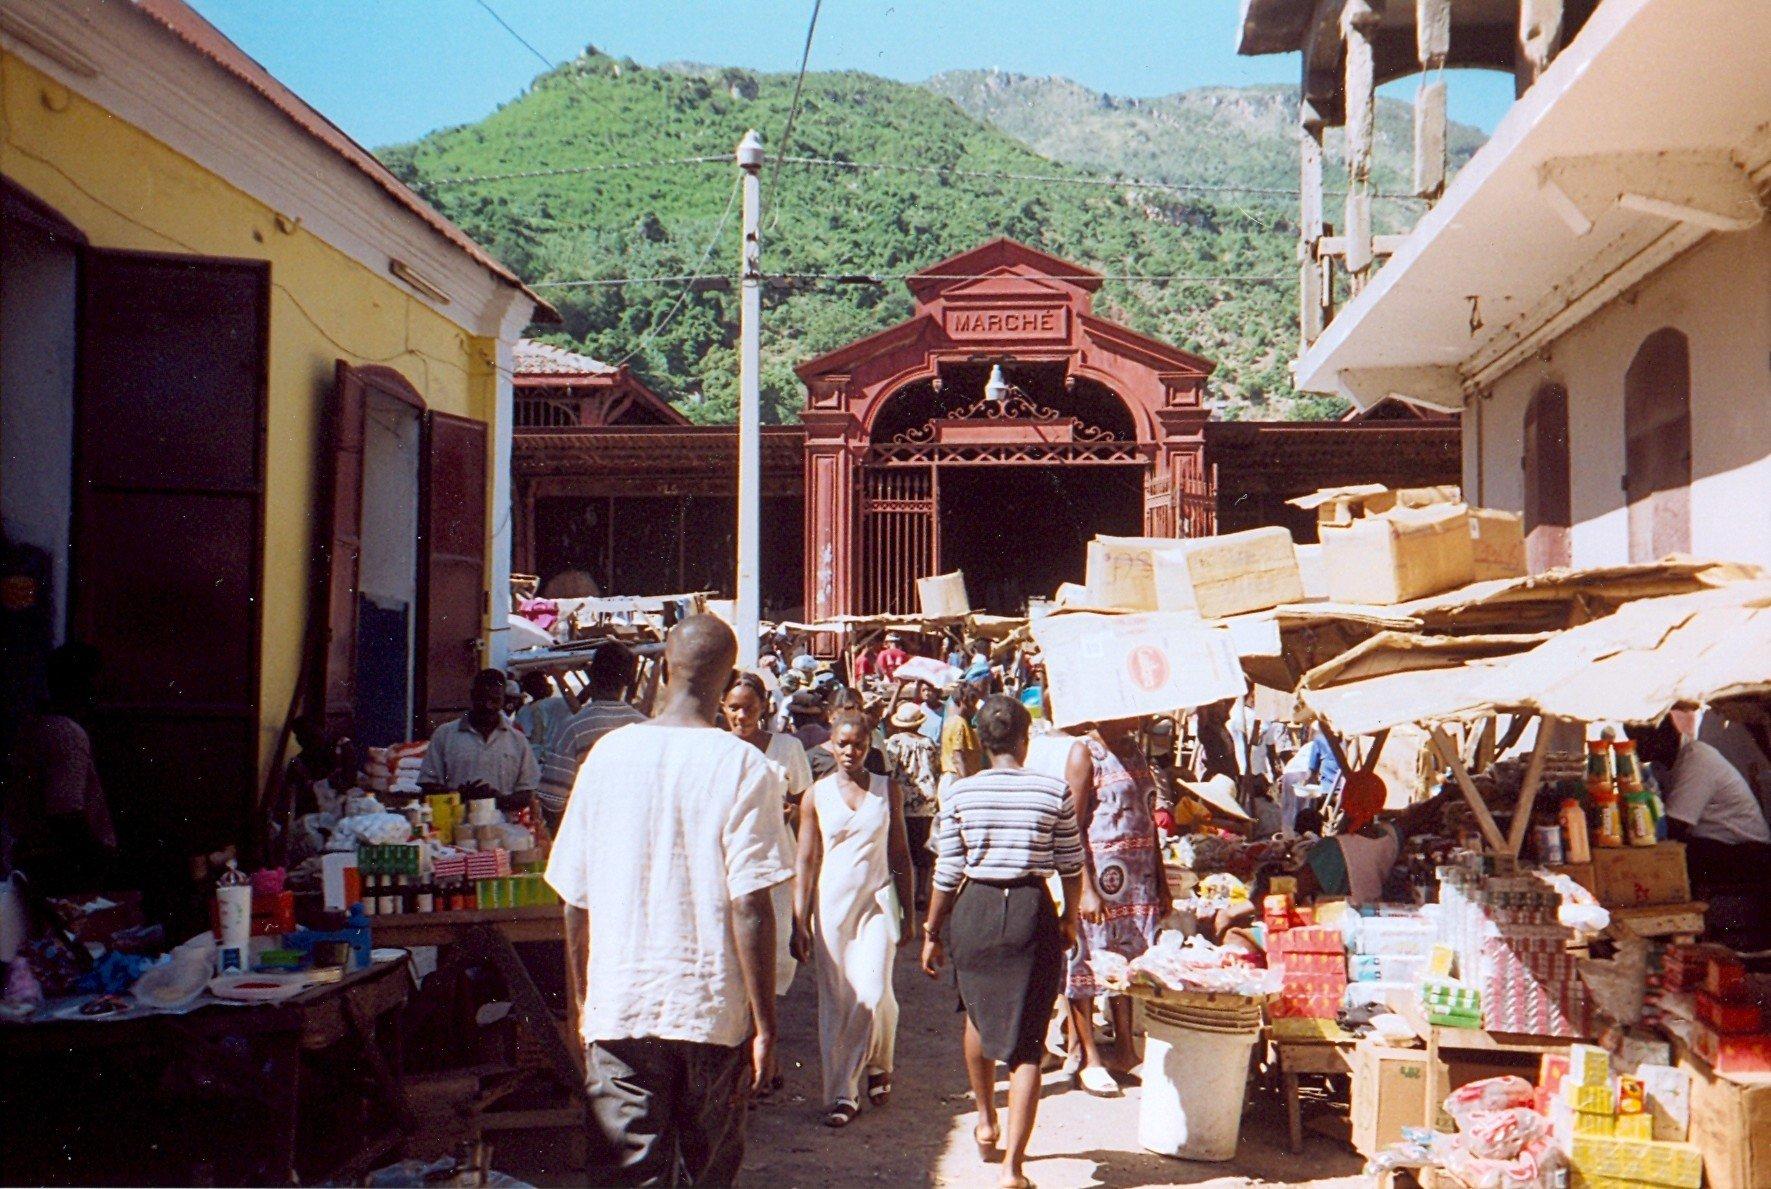 A market in Cap-Haïtien